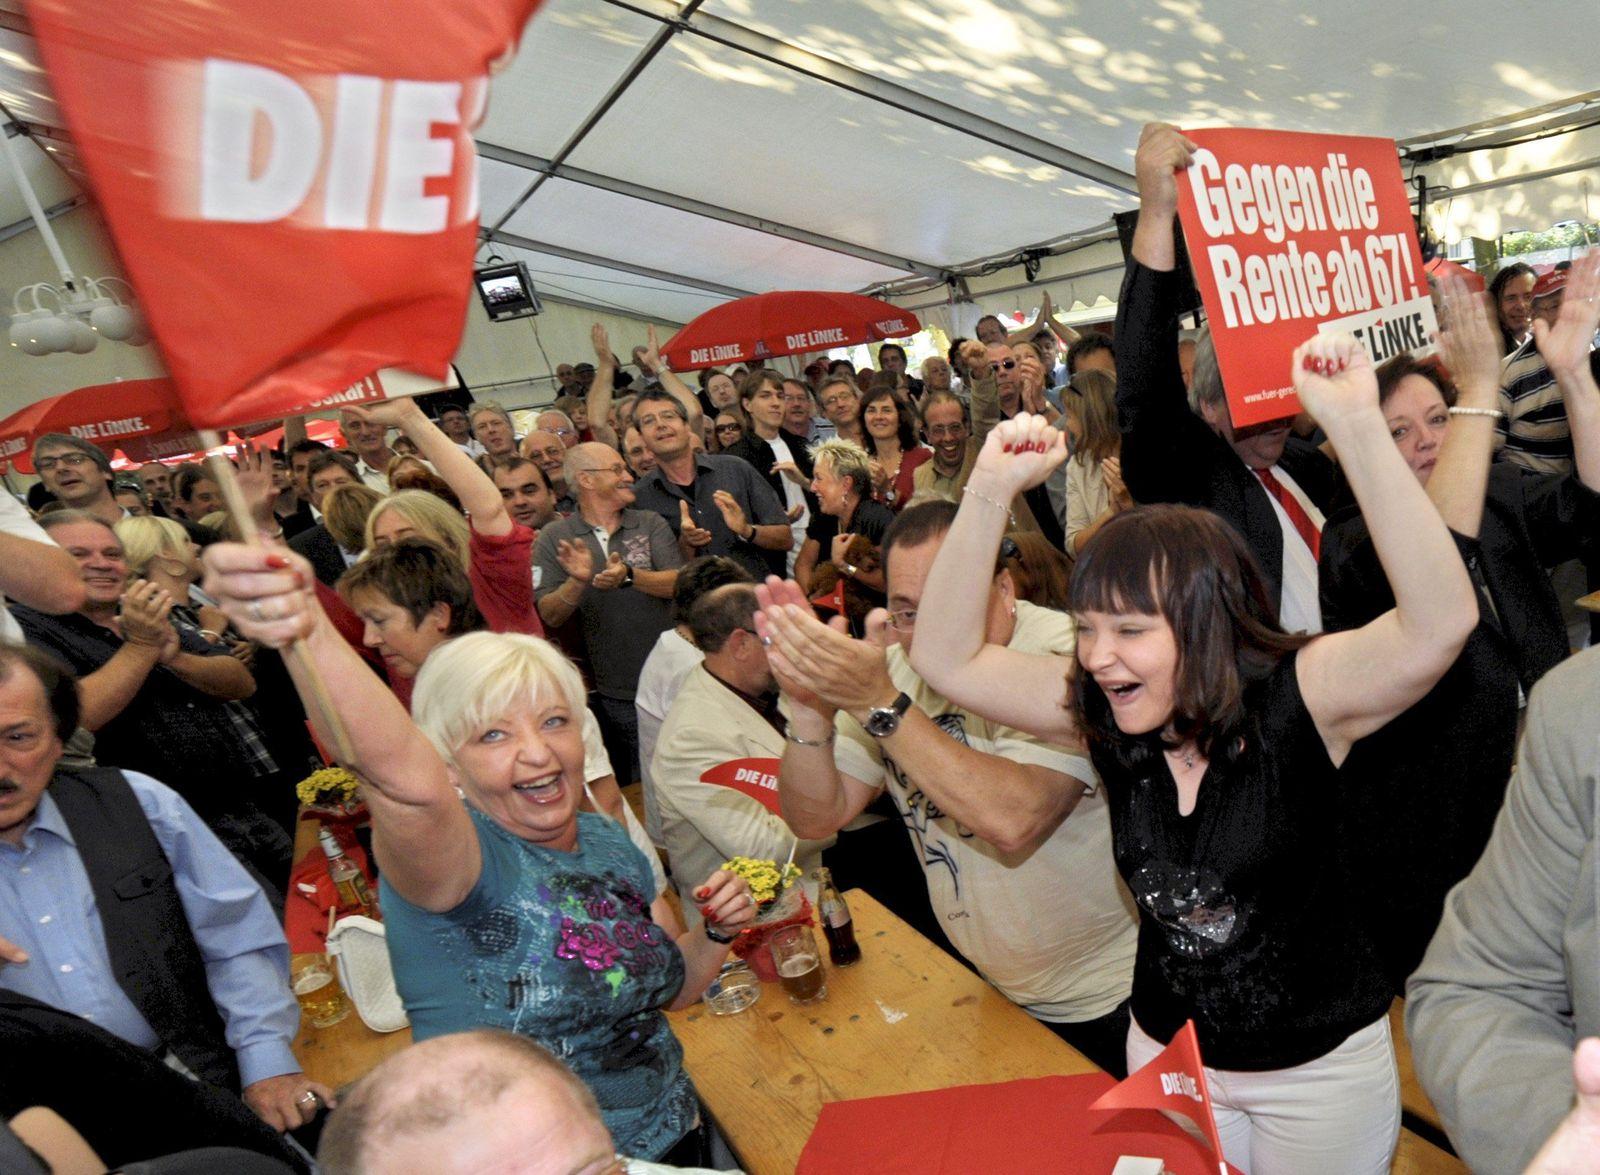 Landtagswahl / Saarland / Die Linke #2